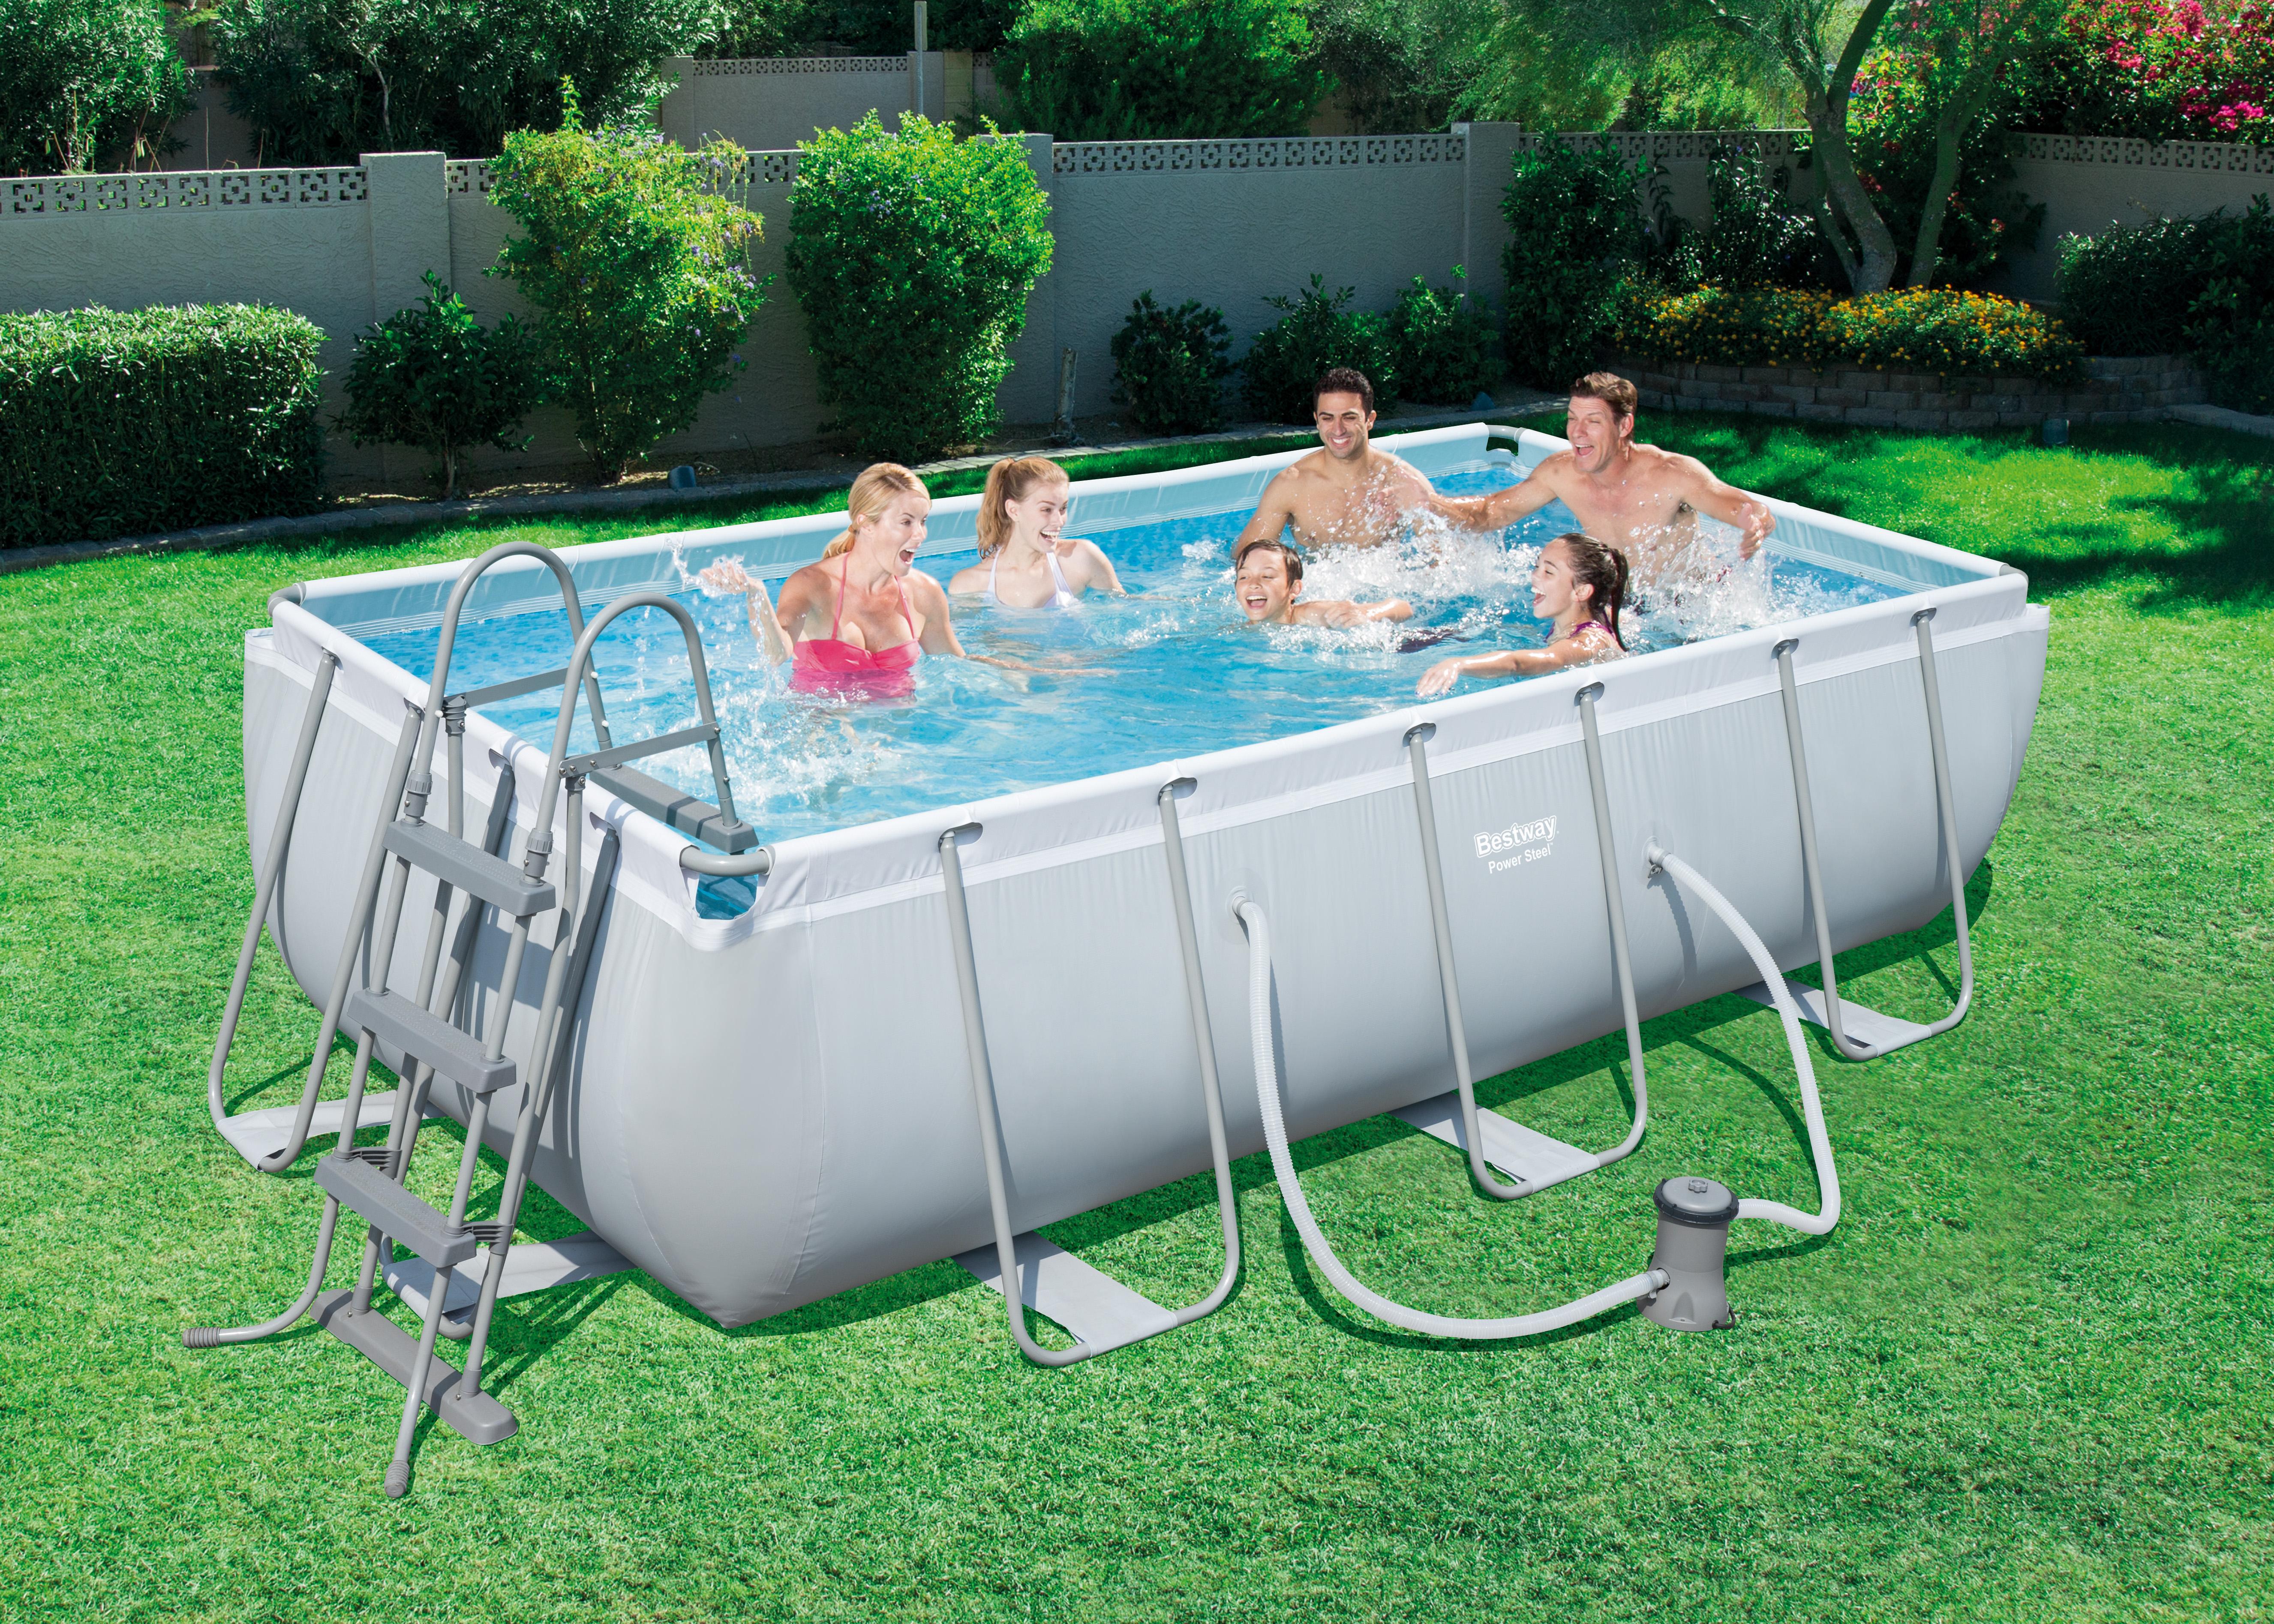 Piscina bestway power steel - Montaggio piscina bestway ...